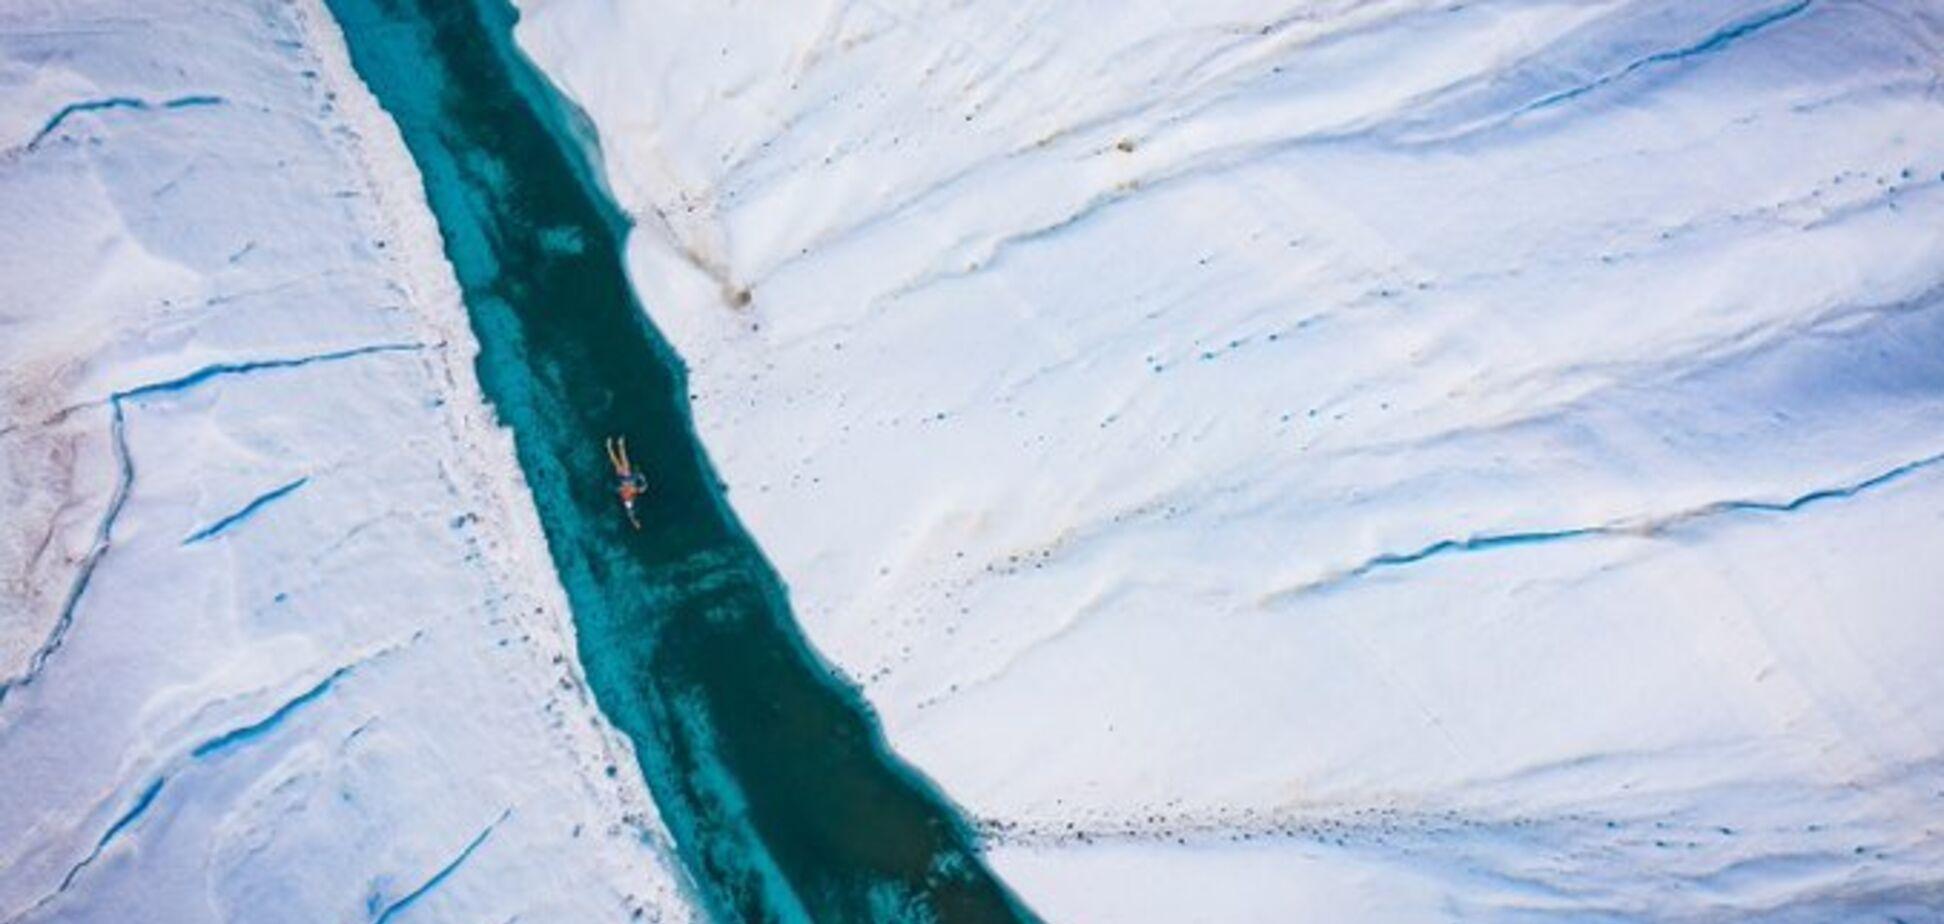 Пловец решил необычным способом спасти ледники Антарктиды от таяния